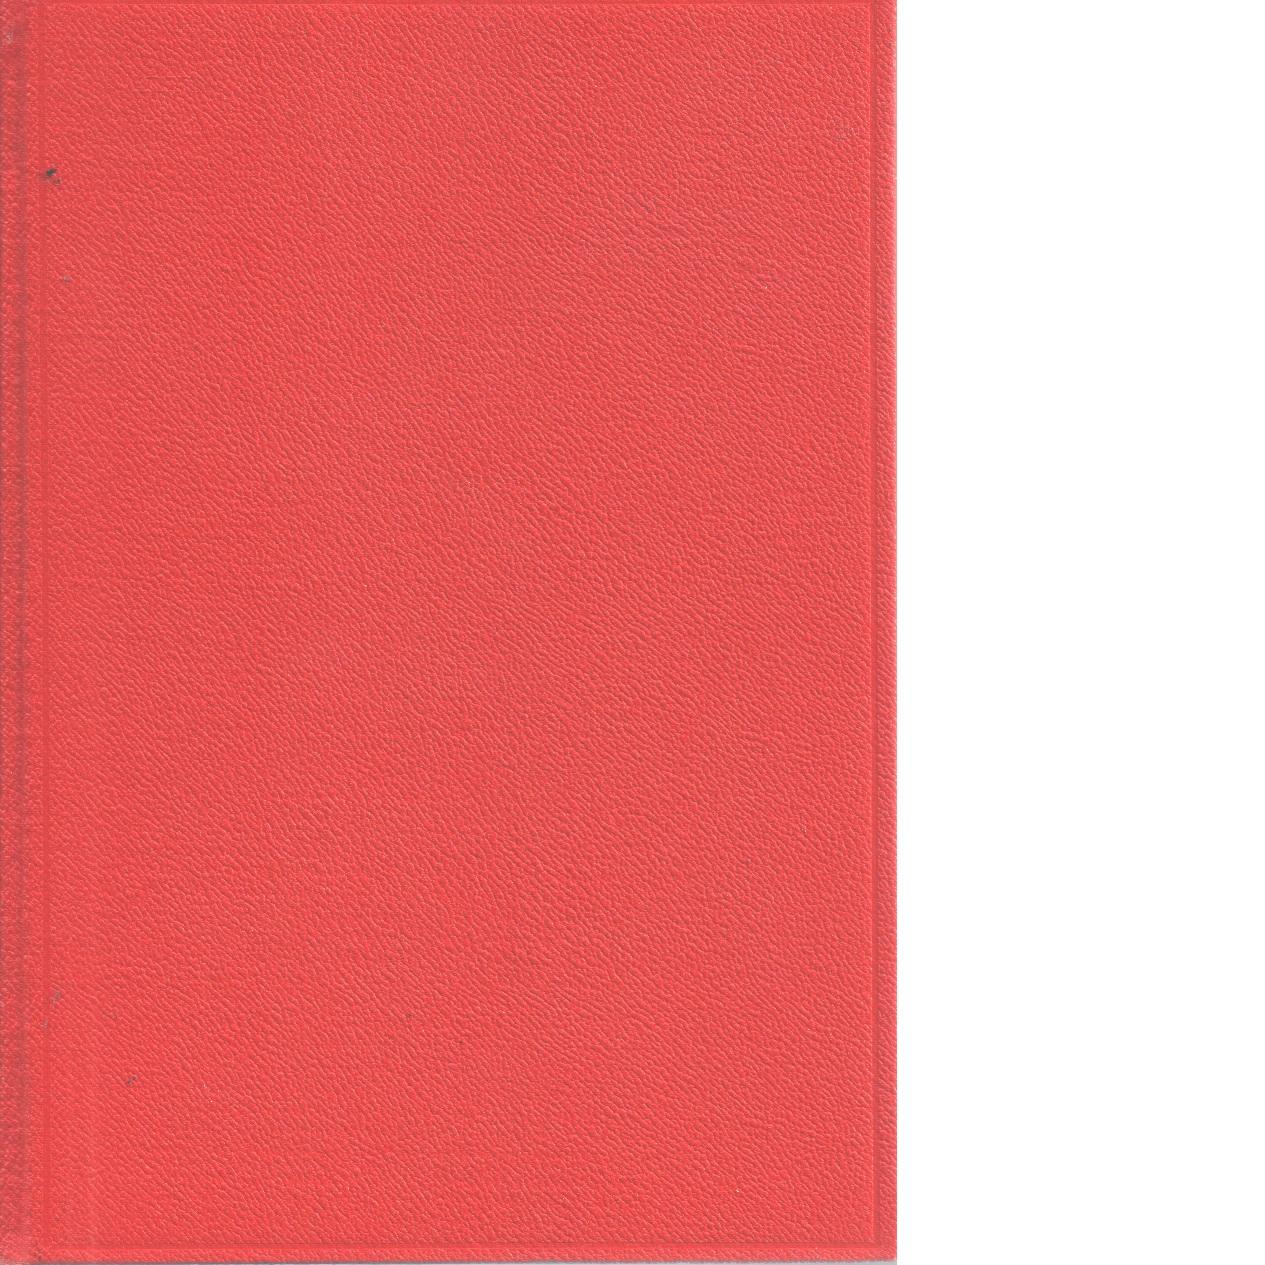 Teknik och hobby Bd 1 A-D - Red.